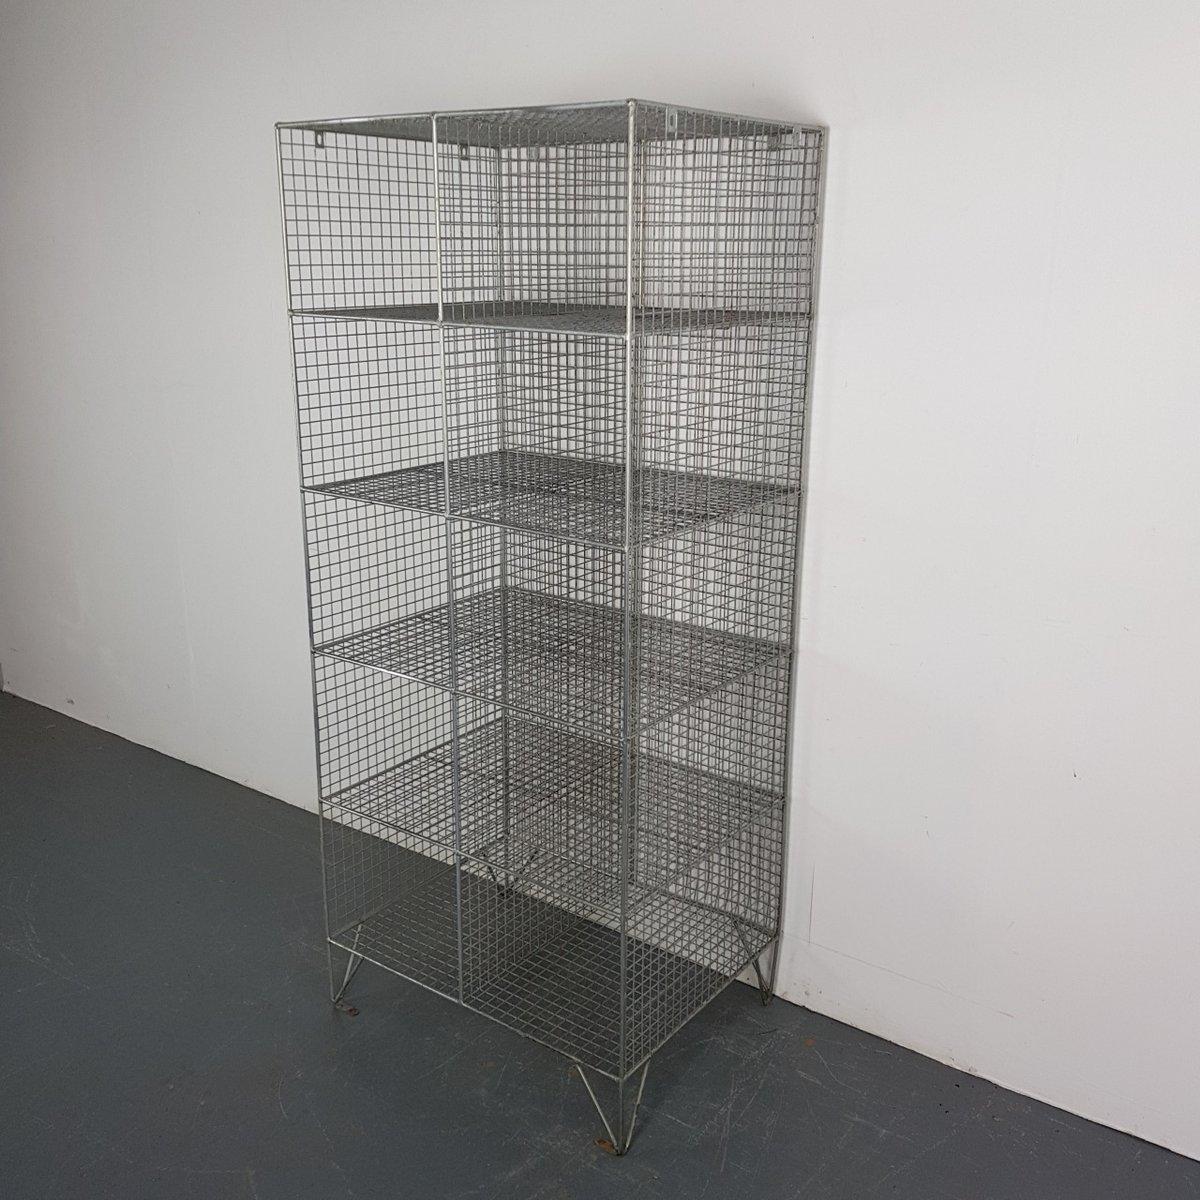 Nett Quadrat Drahtgeflecht Bilder - Der Schaltplan - greigo.com